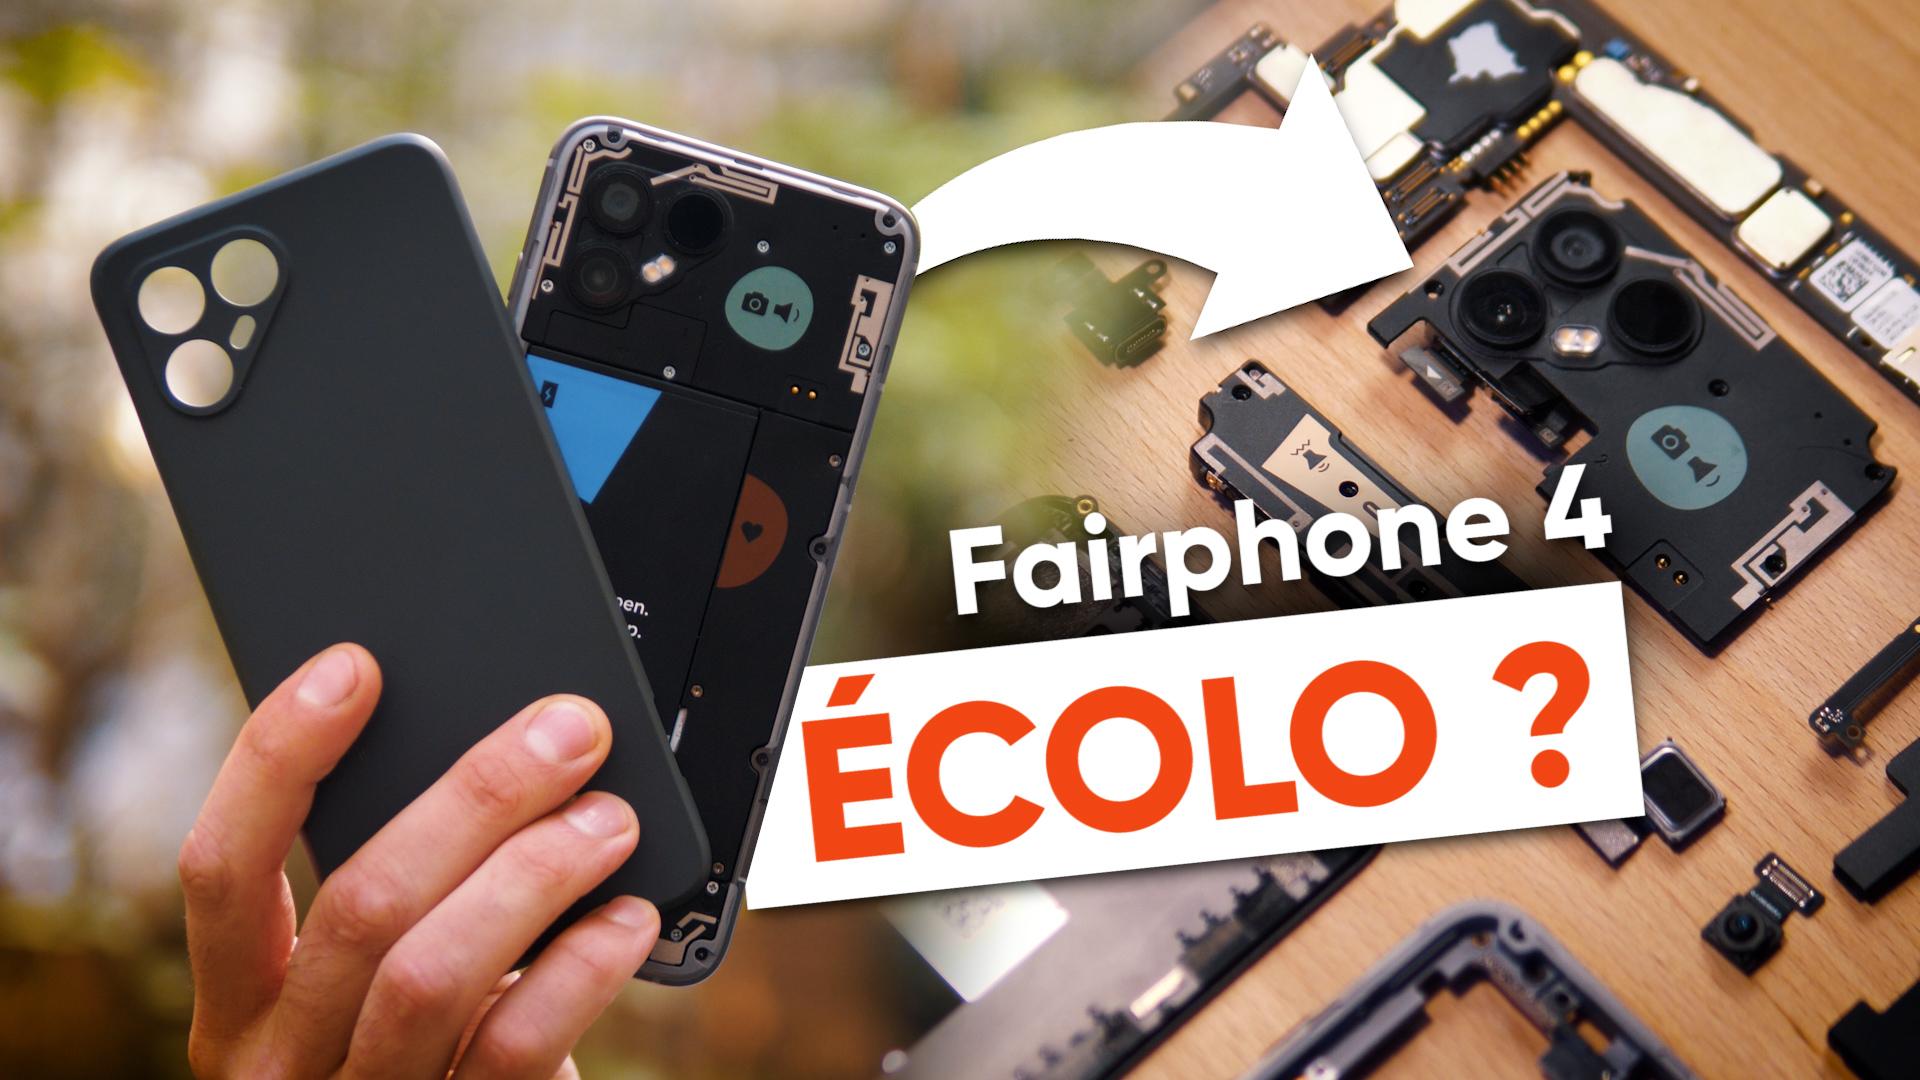 Le FAIRPHONE 4 peut-il rendre les SMARTPHONES ÉCOLO ?